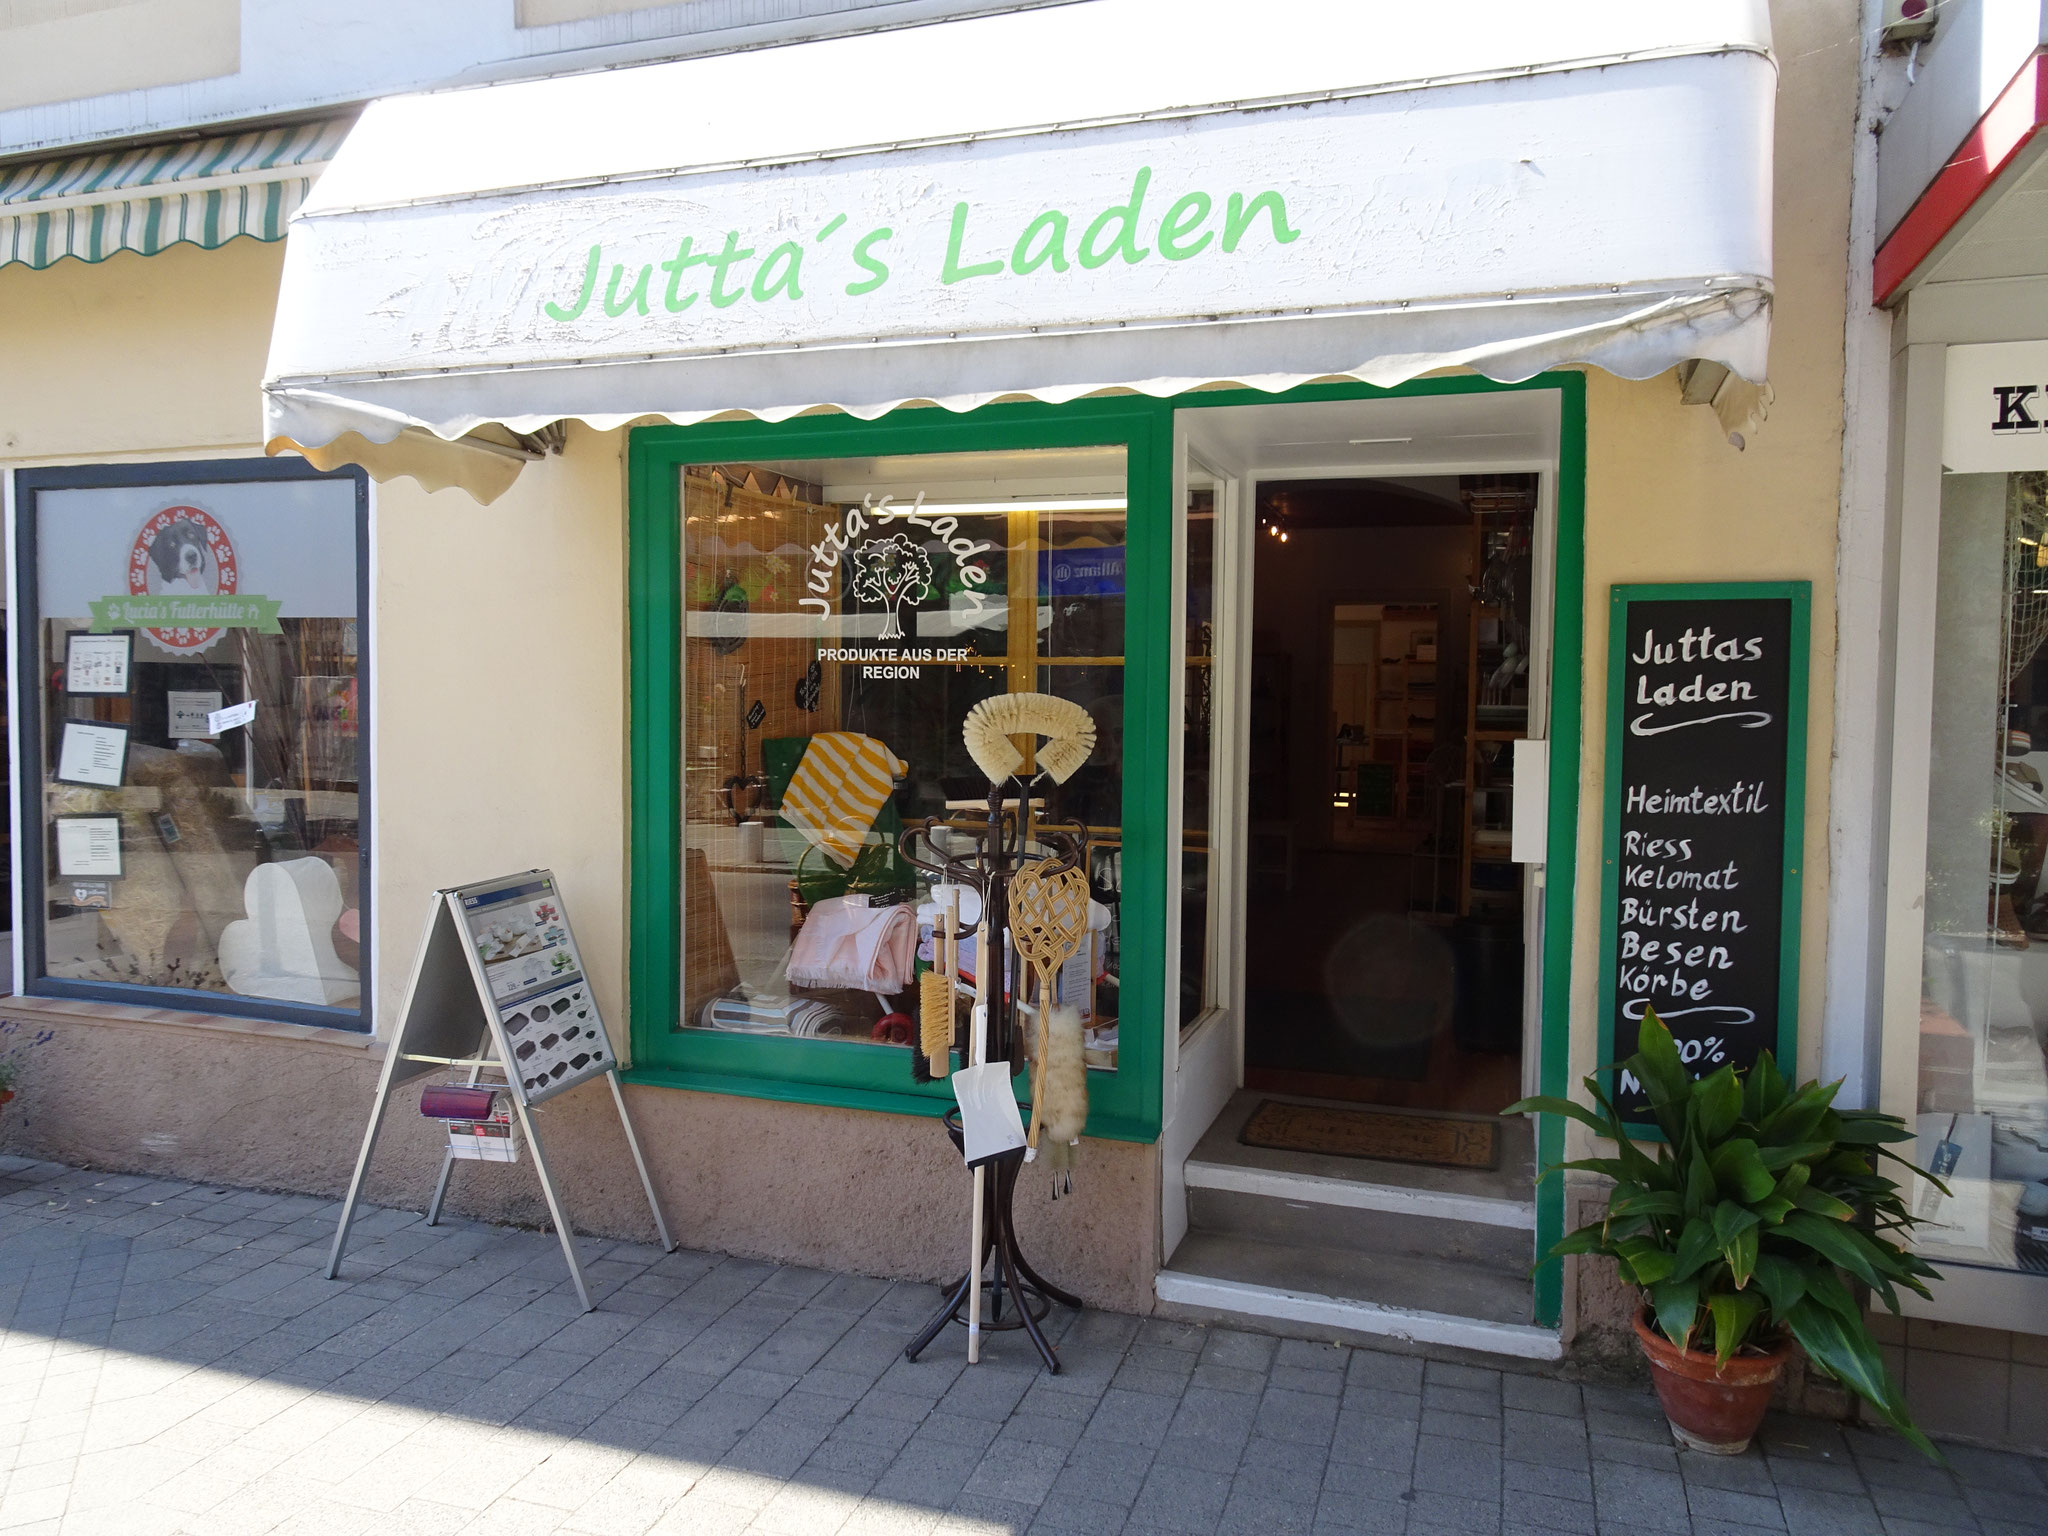 Willkommen in Juttas Laden